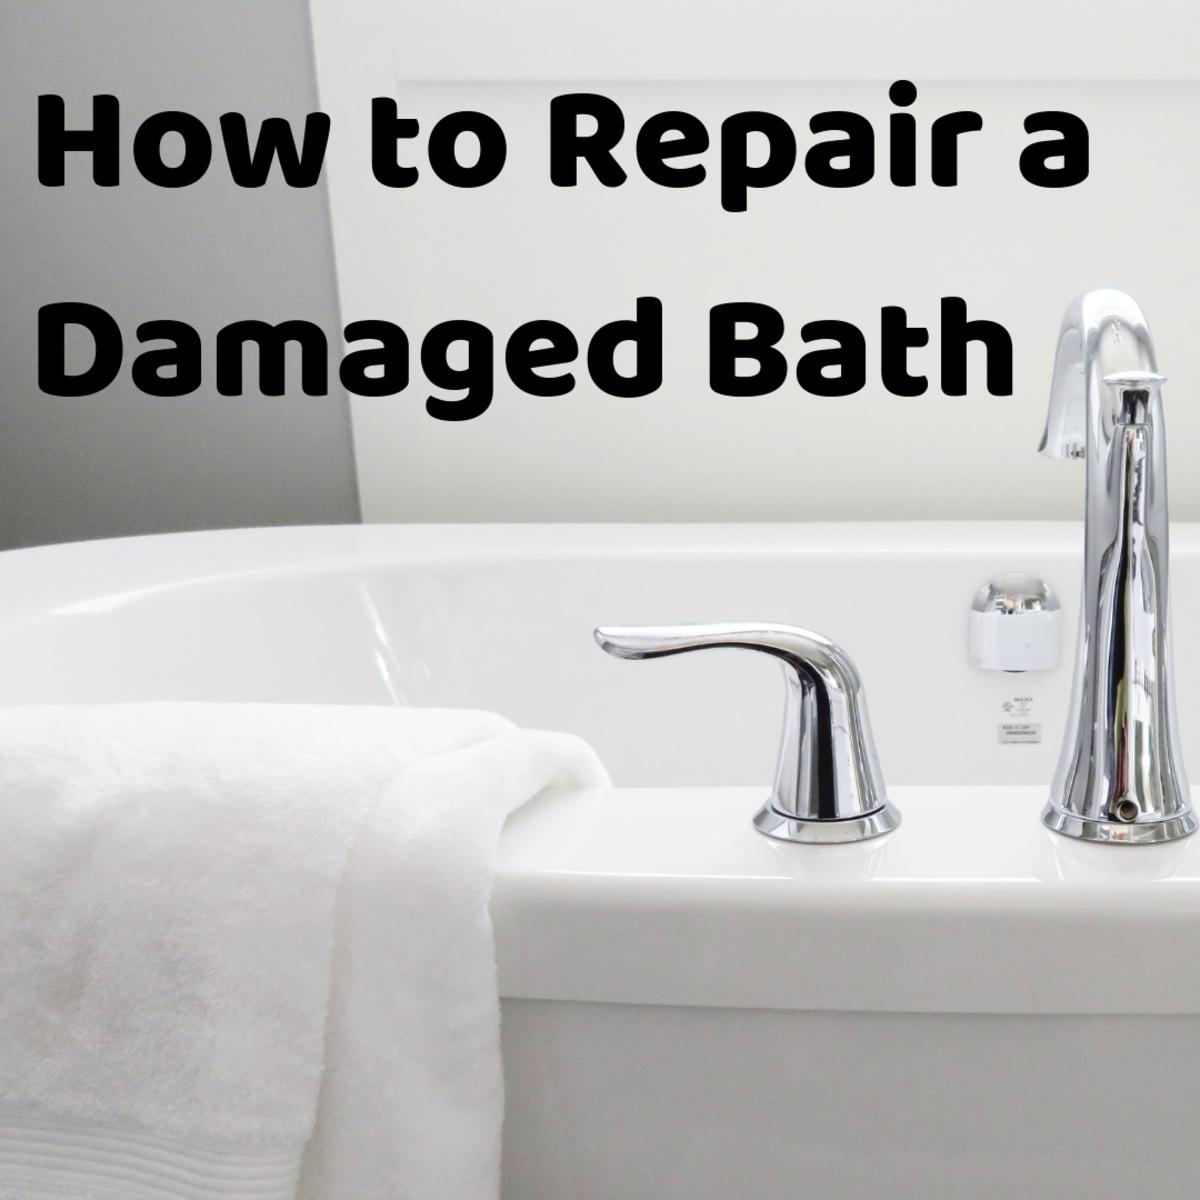 How to repair a damaged bath.